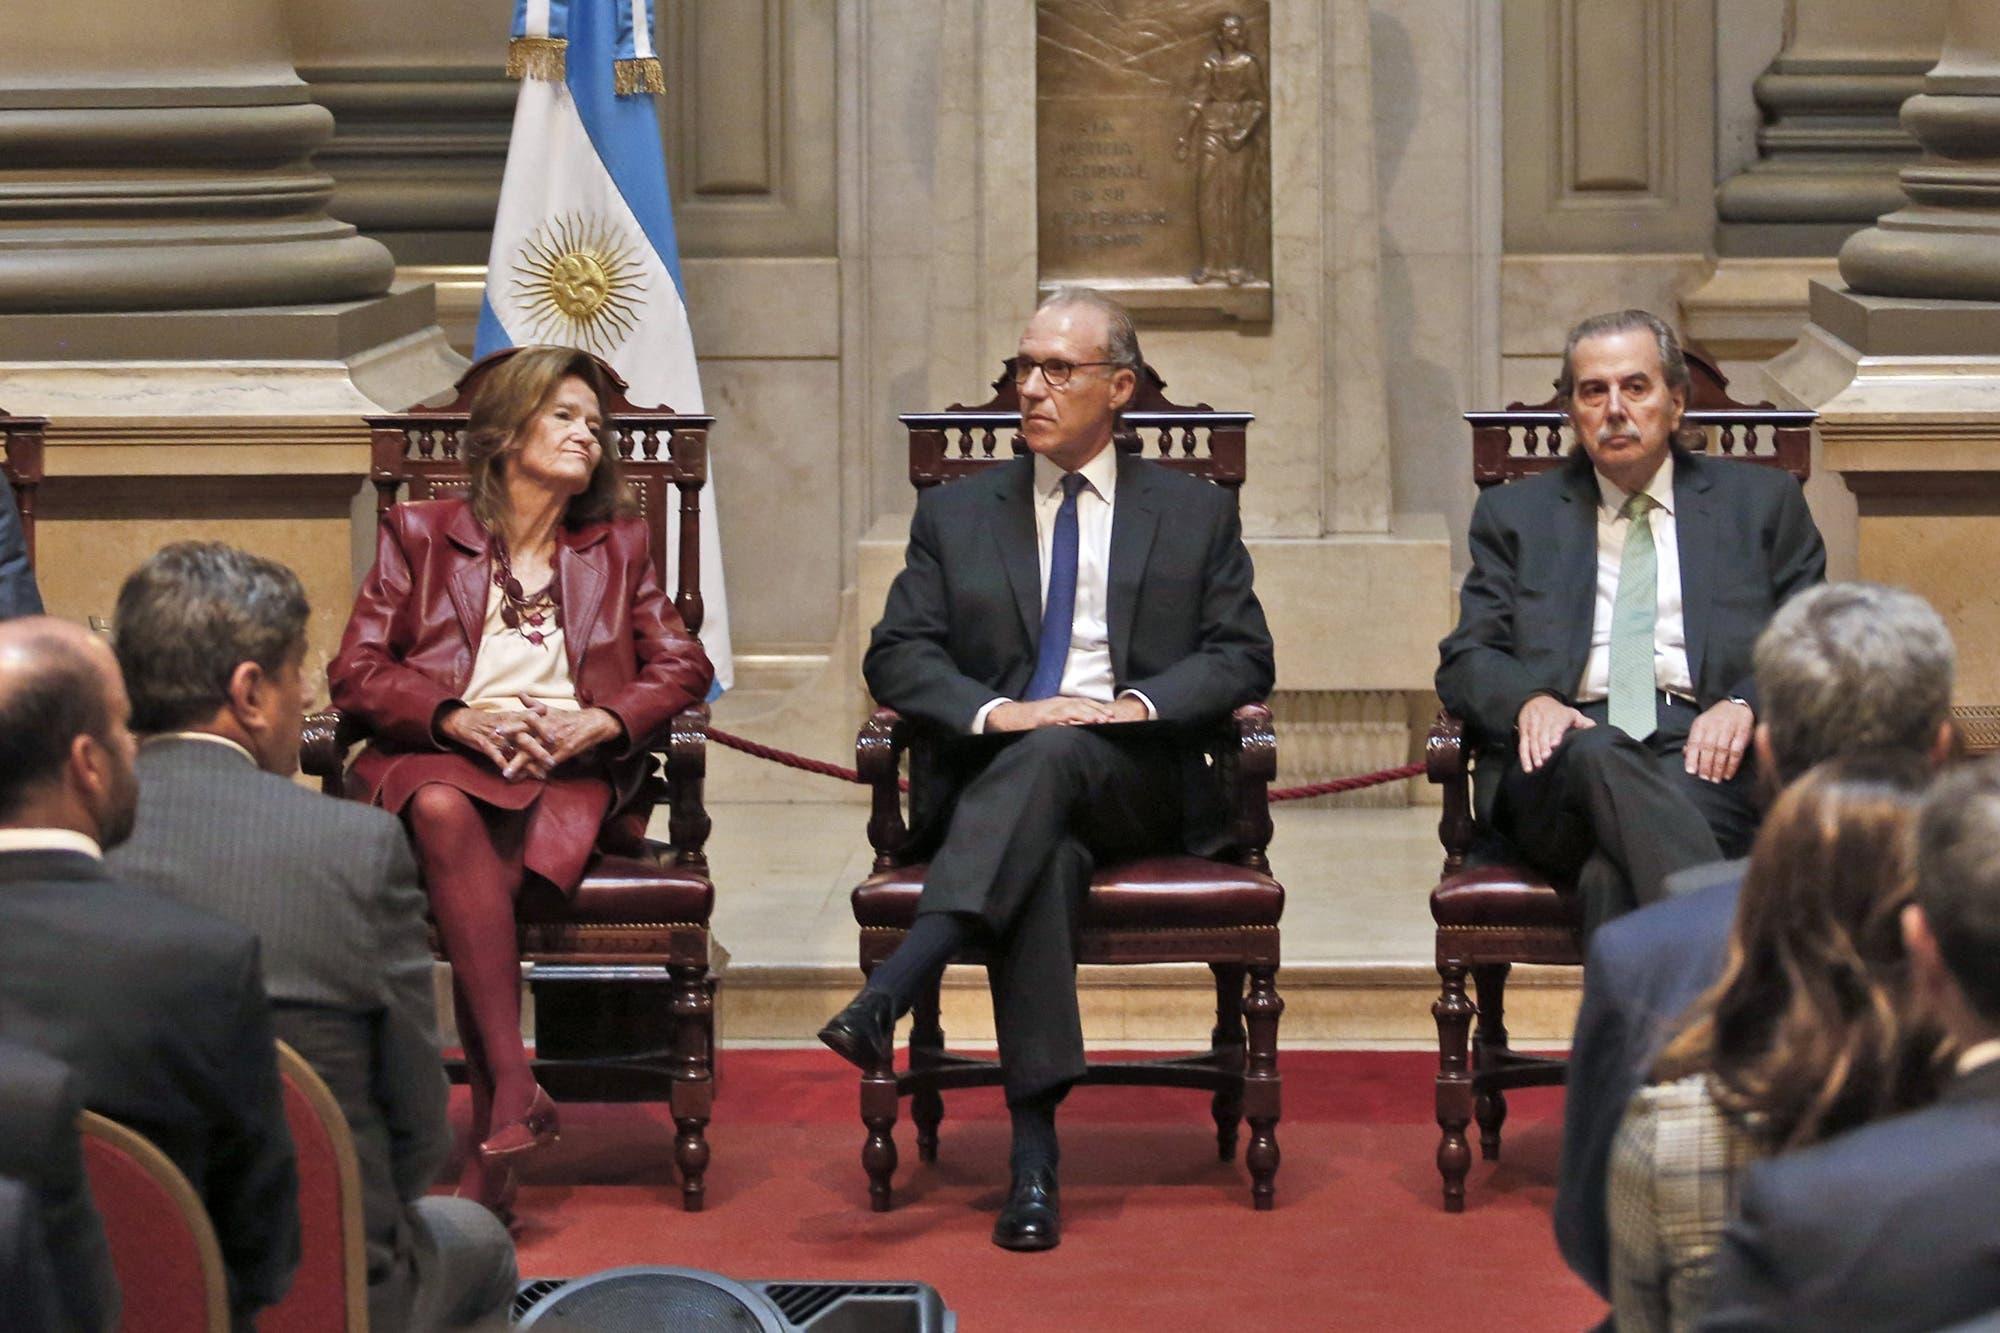 Jueces trasladados: la escalada del caso que agudizó las internas en la Corte Suprema y puso en alerta al Gobierno